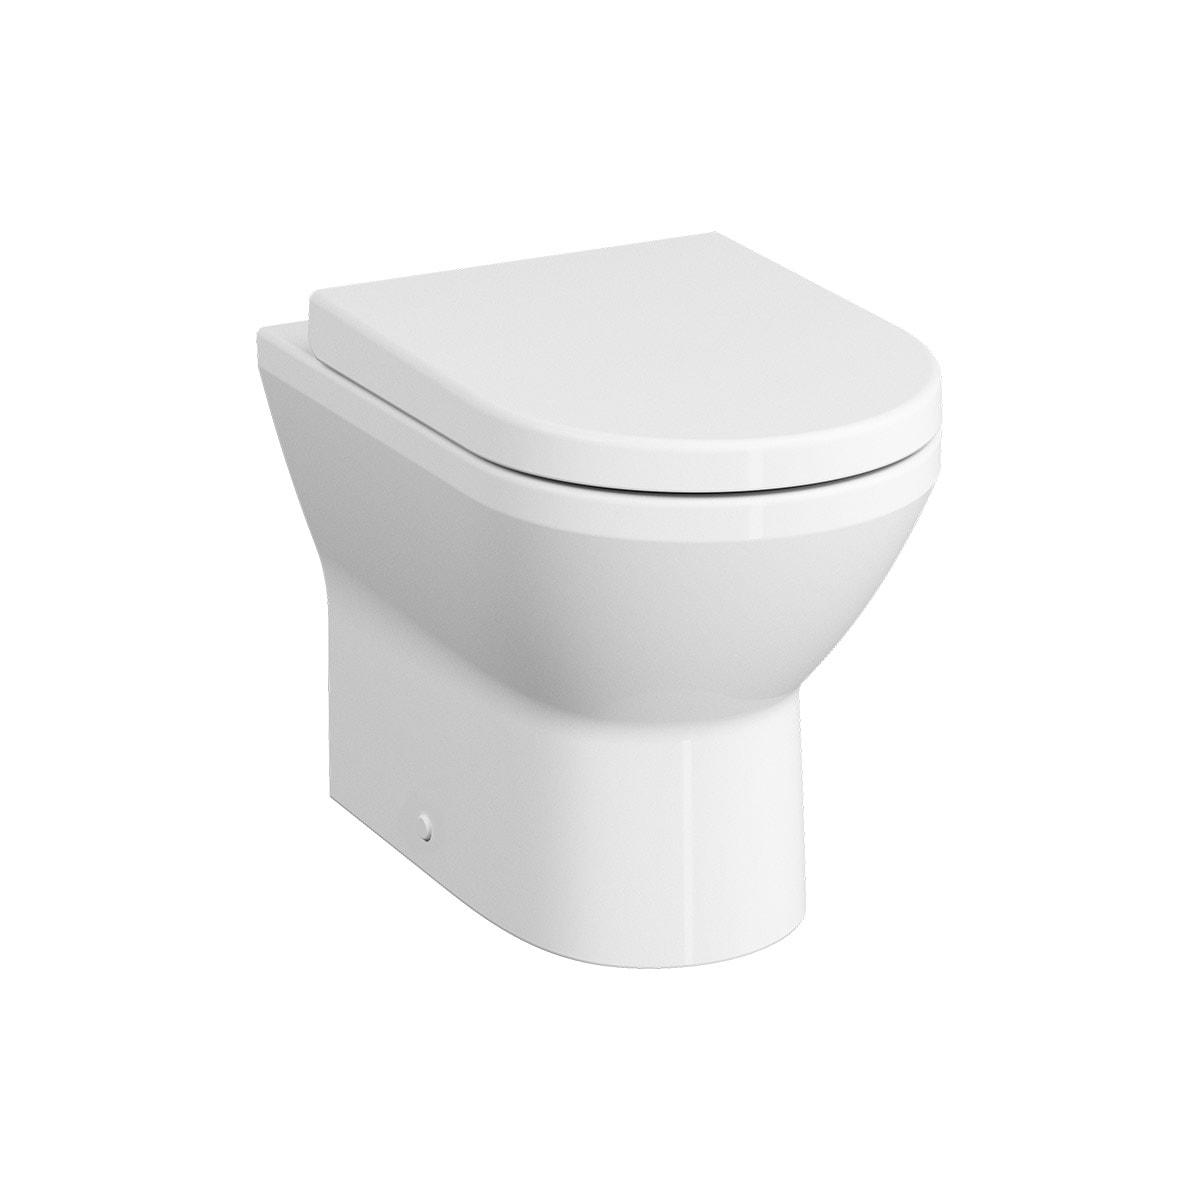 Rim-Ex Single WC Pan, Back-To-Wall, 54cm, Horizontal